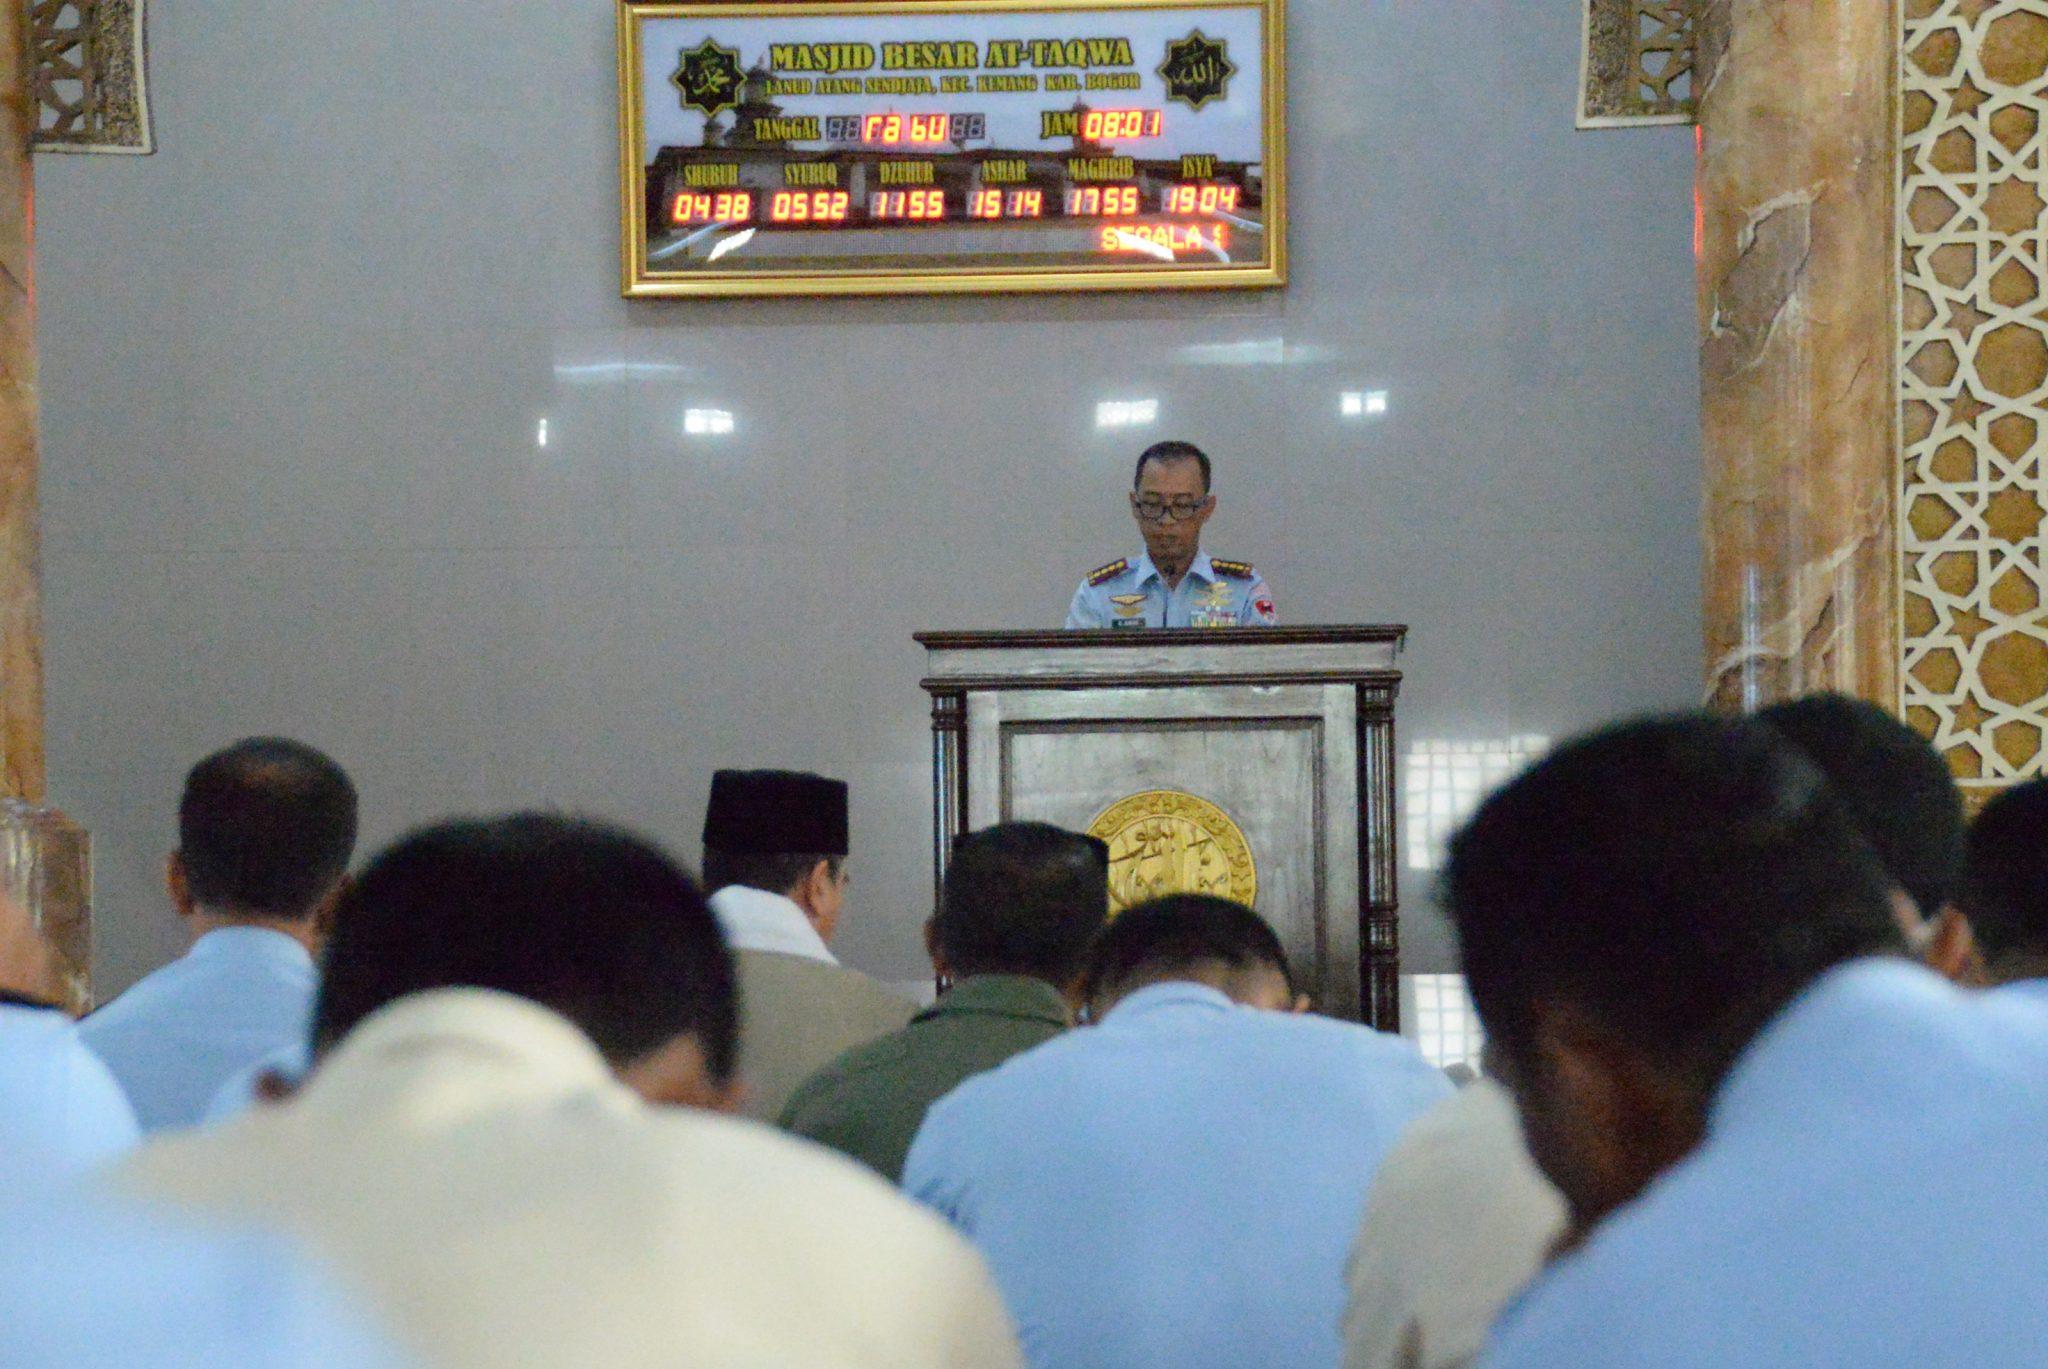 Lanud Ats Gelar Peringatan Isra Mi'raj Nabi Muhammad SAW 1439H/2018 M